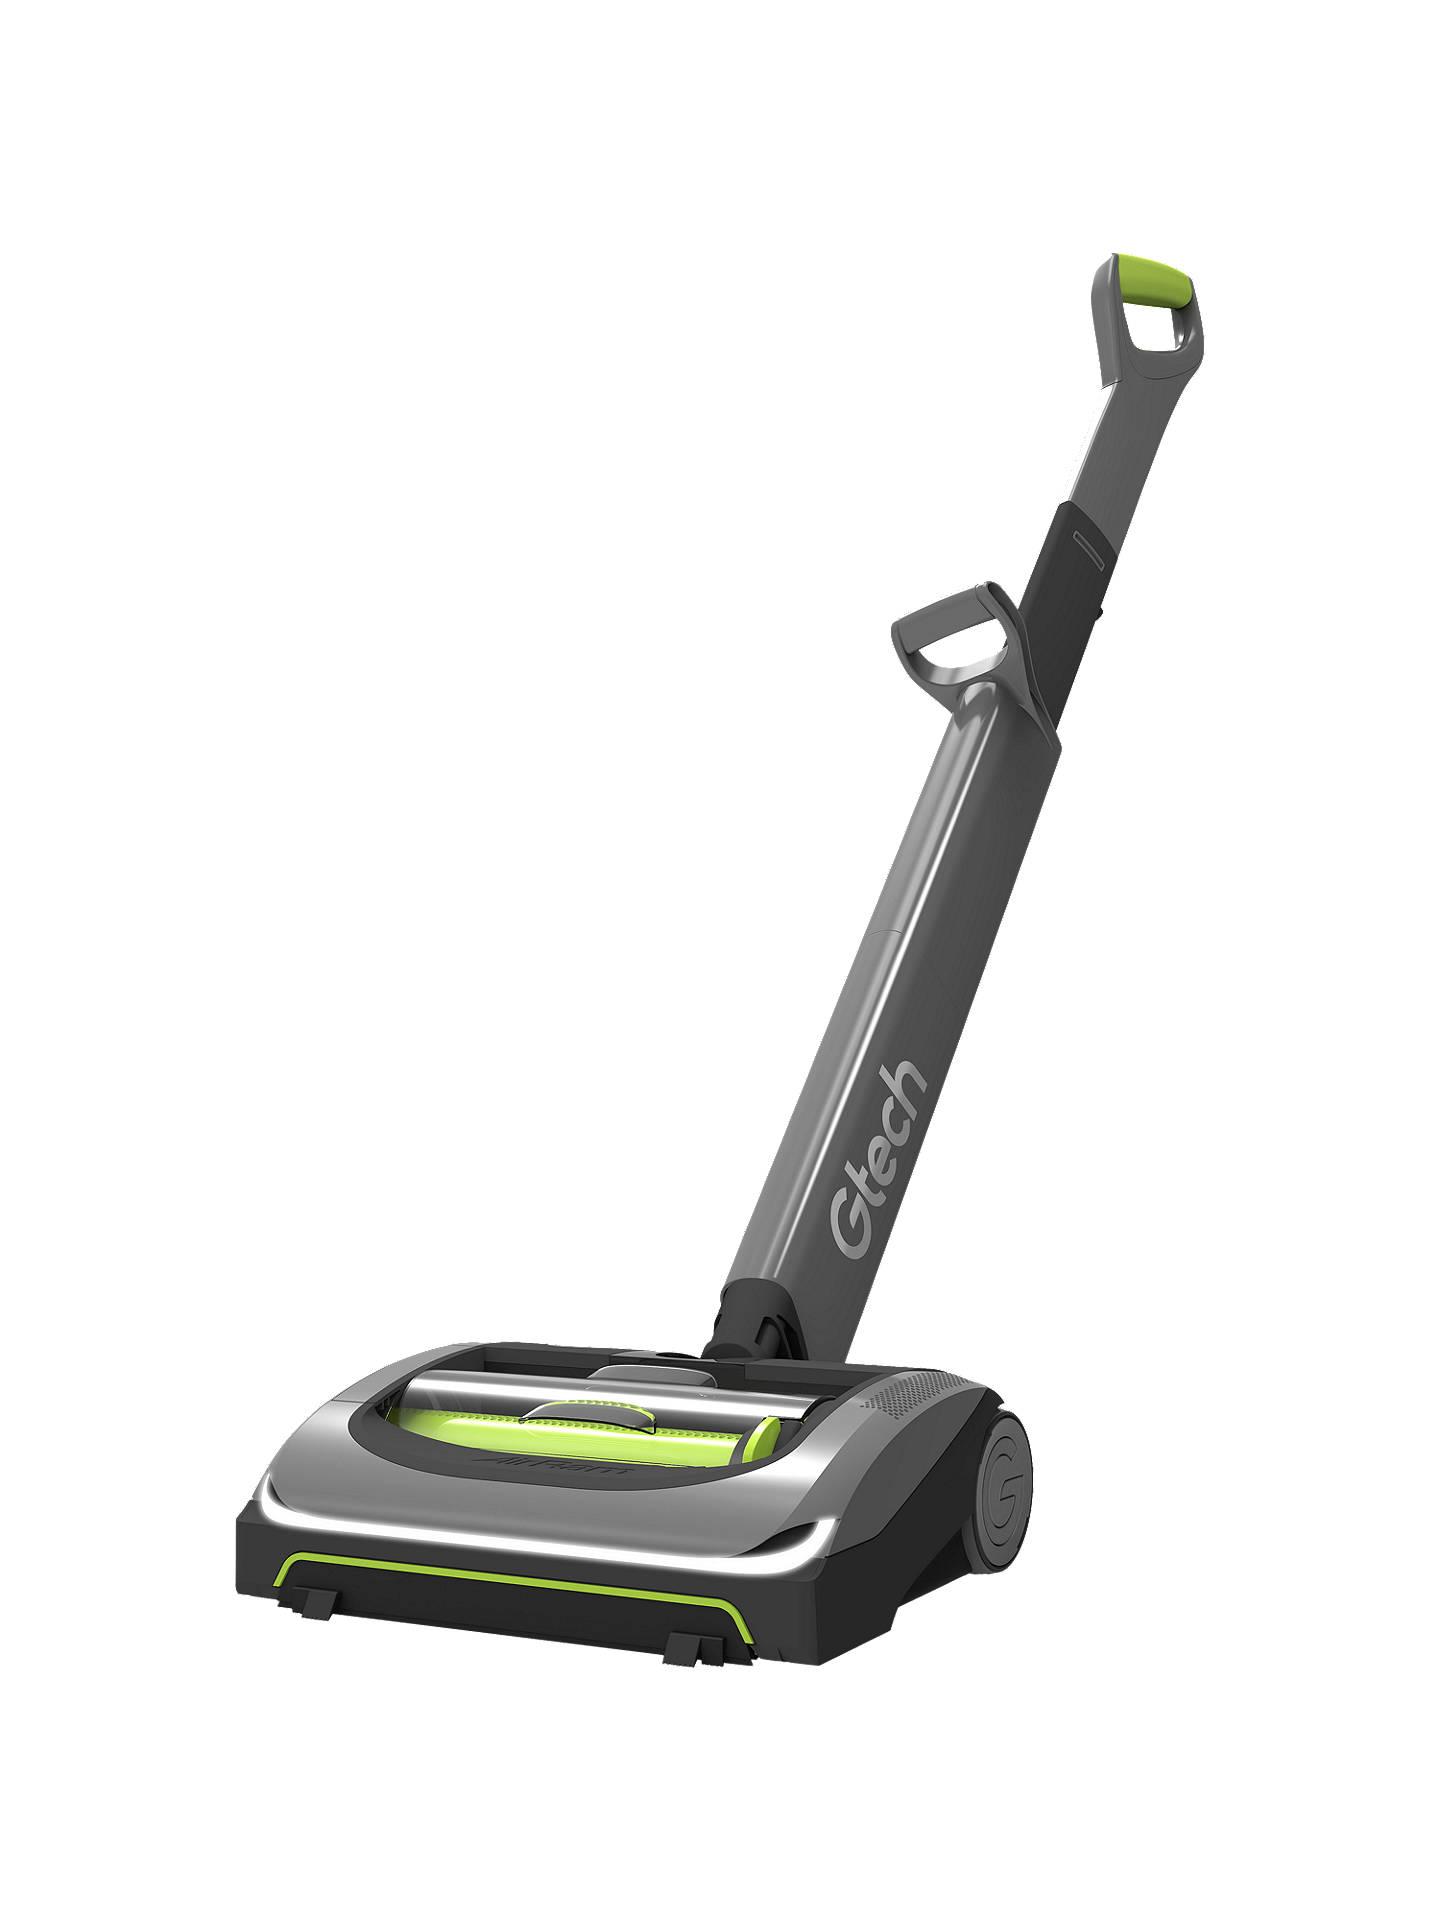 Buy hoover vacuum online